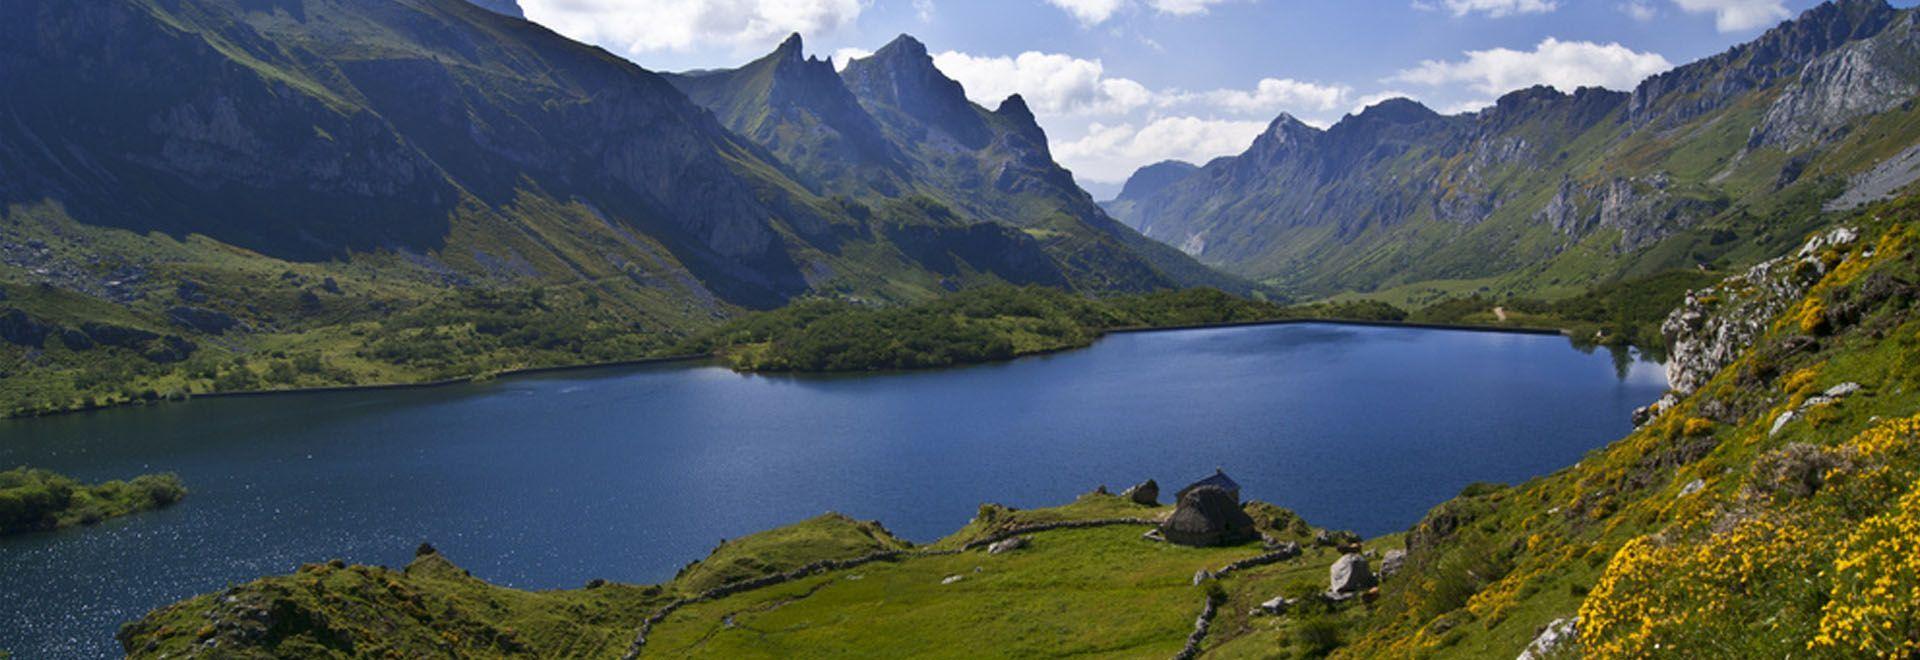 ruta parque natural de somiedo lago del valle asturias